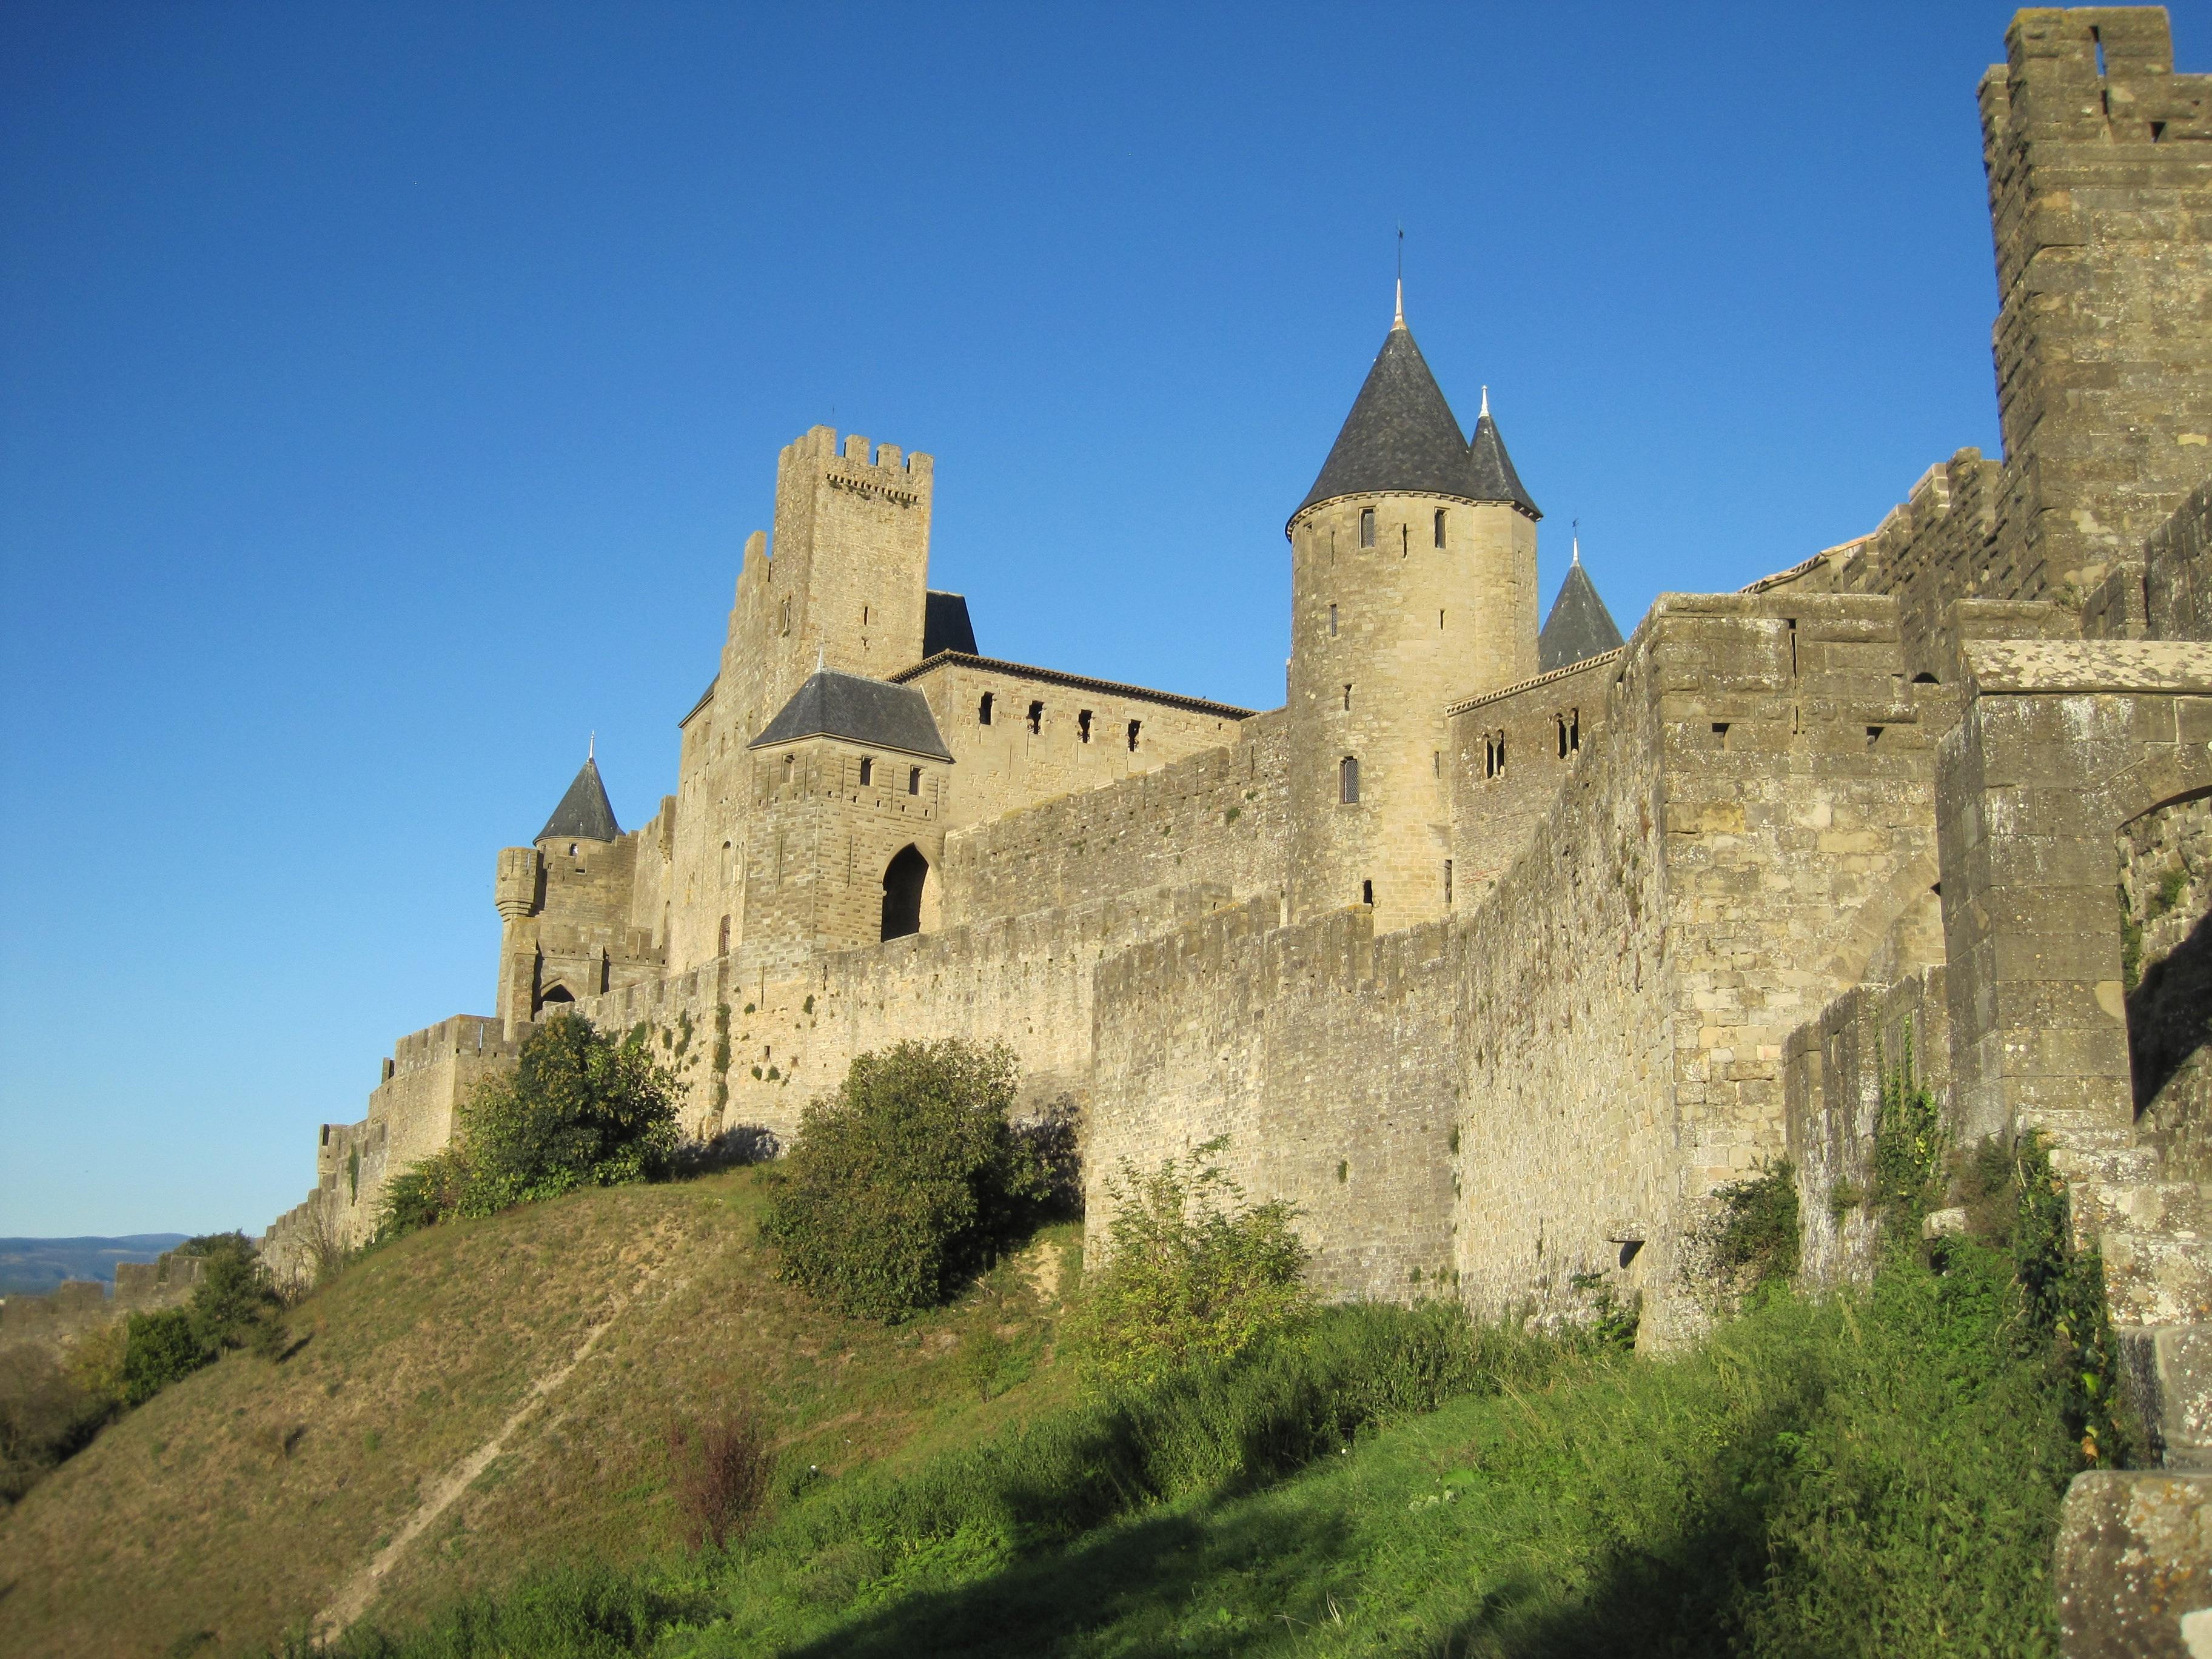 kostenlose foto geb228ude chateau stadt frankreich